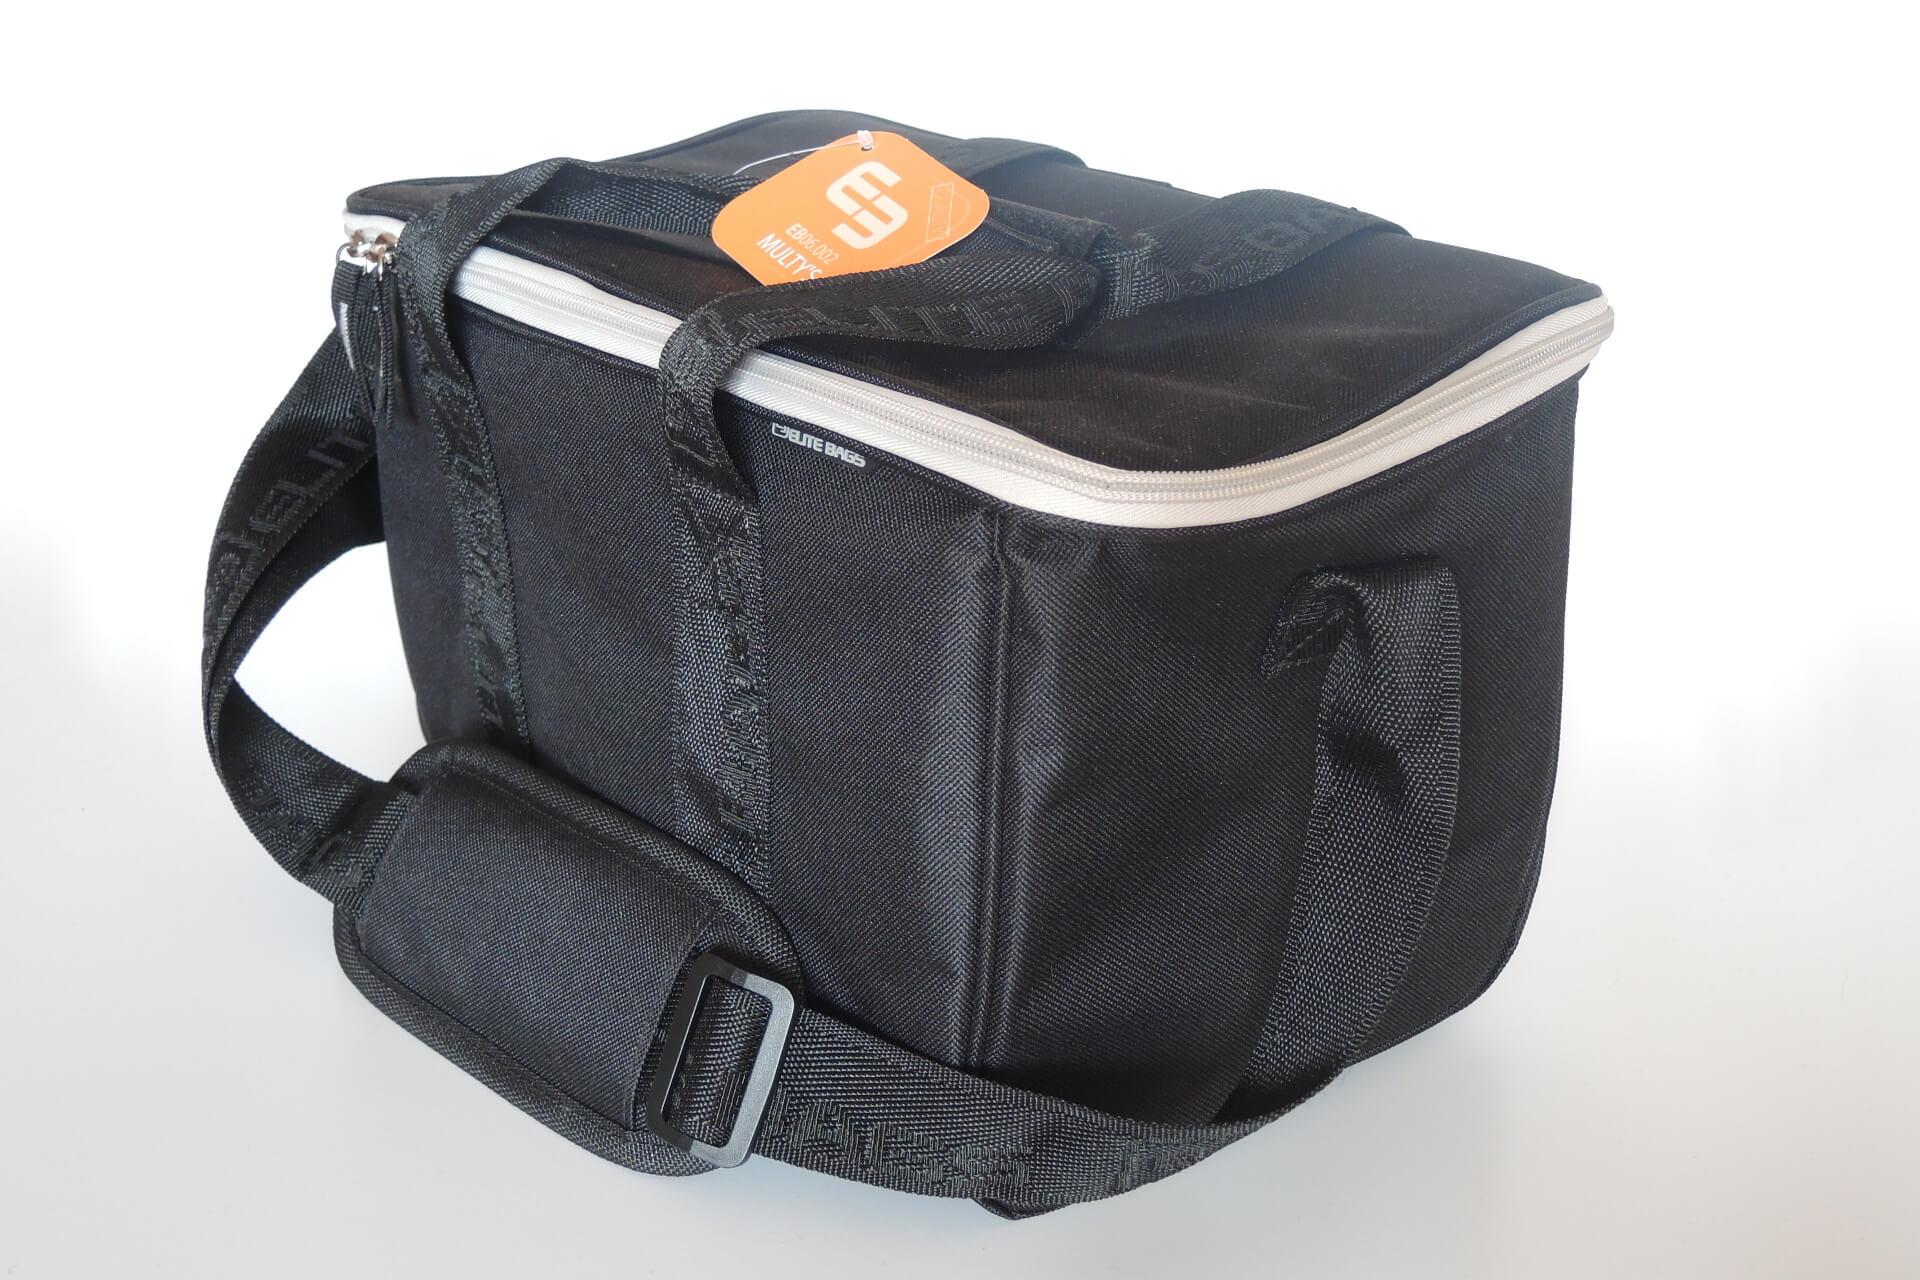 ElITE BAGS Pflegetasche klein schwarz - Multy's